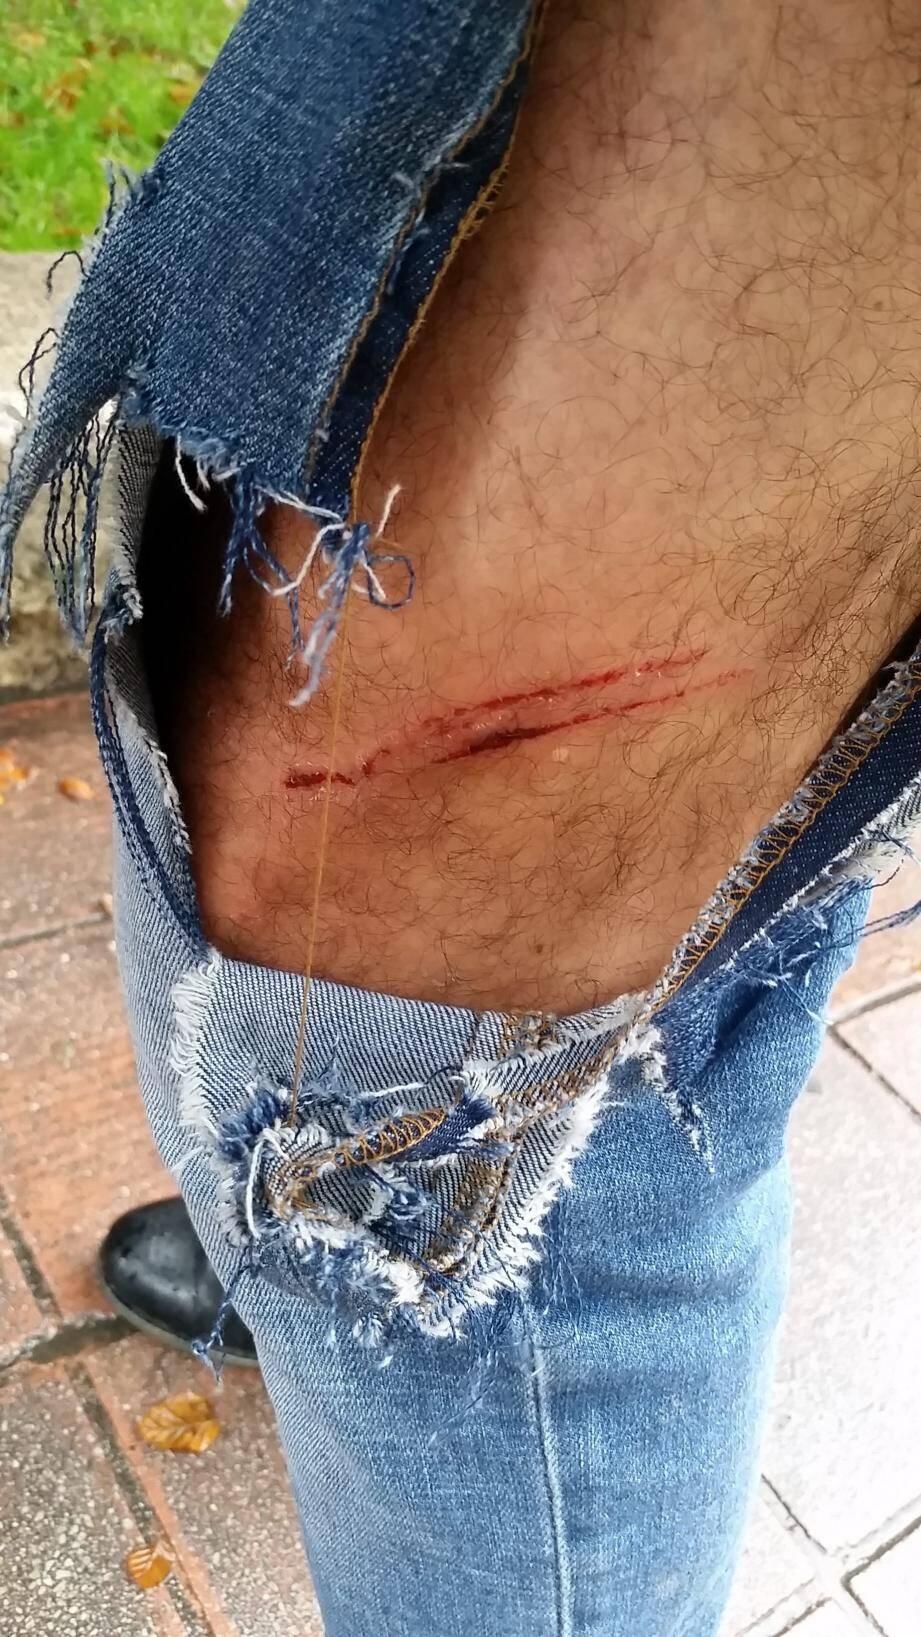 « J'ai eu la chance de porter un jean épais », conclut Frédéric qui a pris en photo son pantalon en lambeaux et l'estafilade laissée par les crocs du chien.(D.R.)